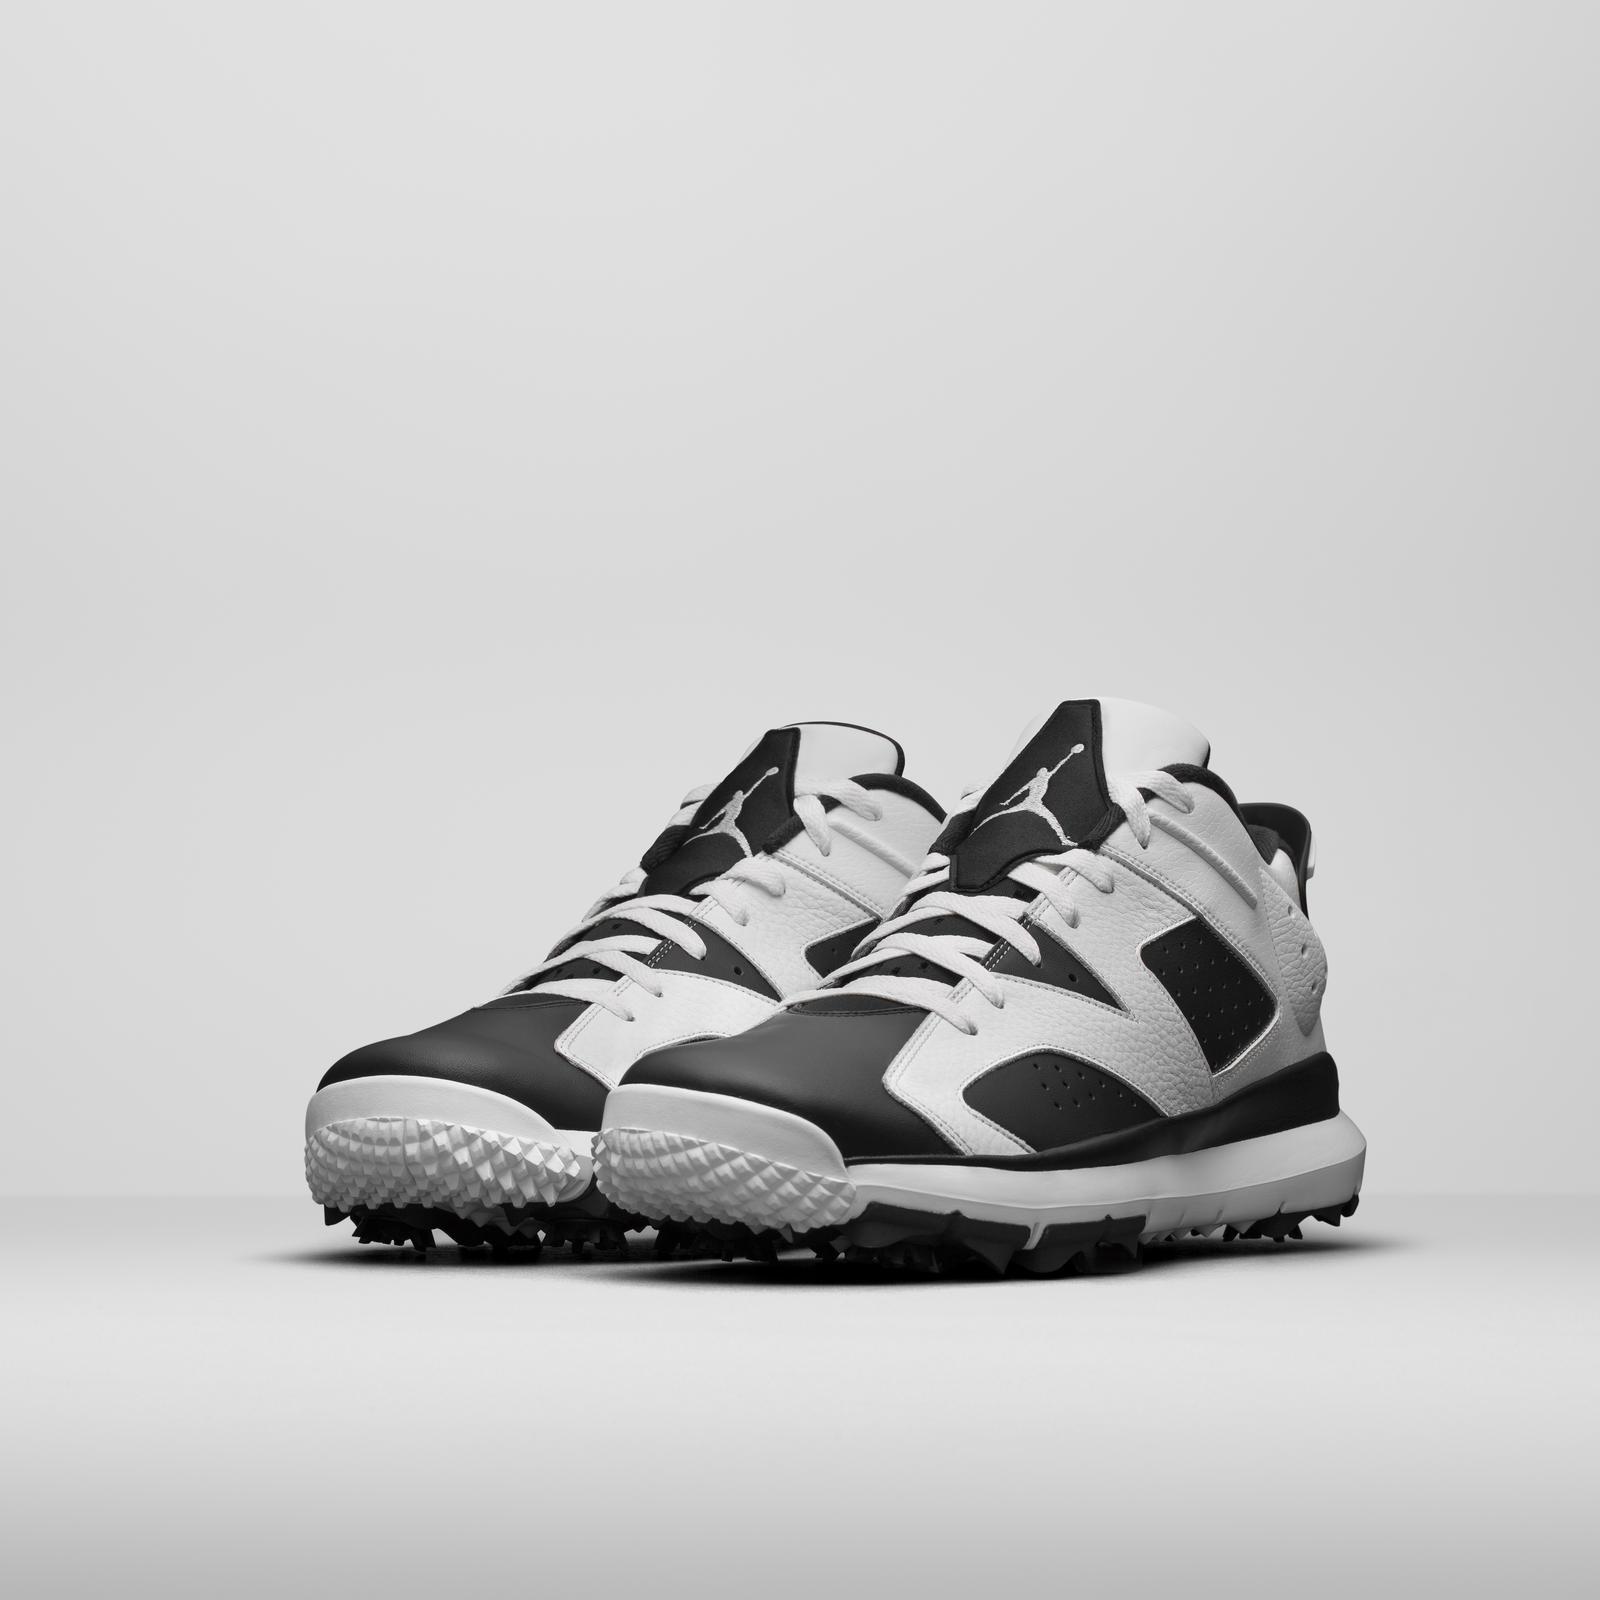 Air Jordan VI Golf Shoe - Nike